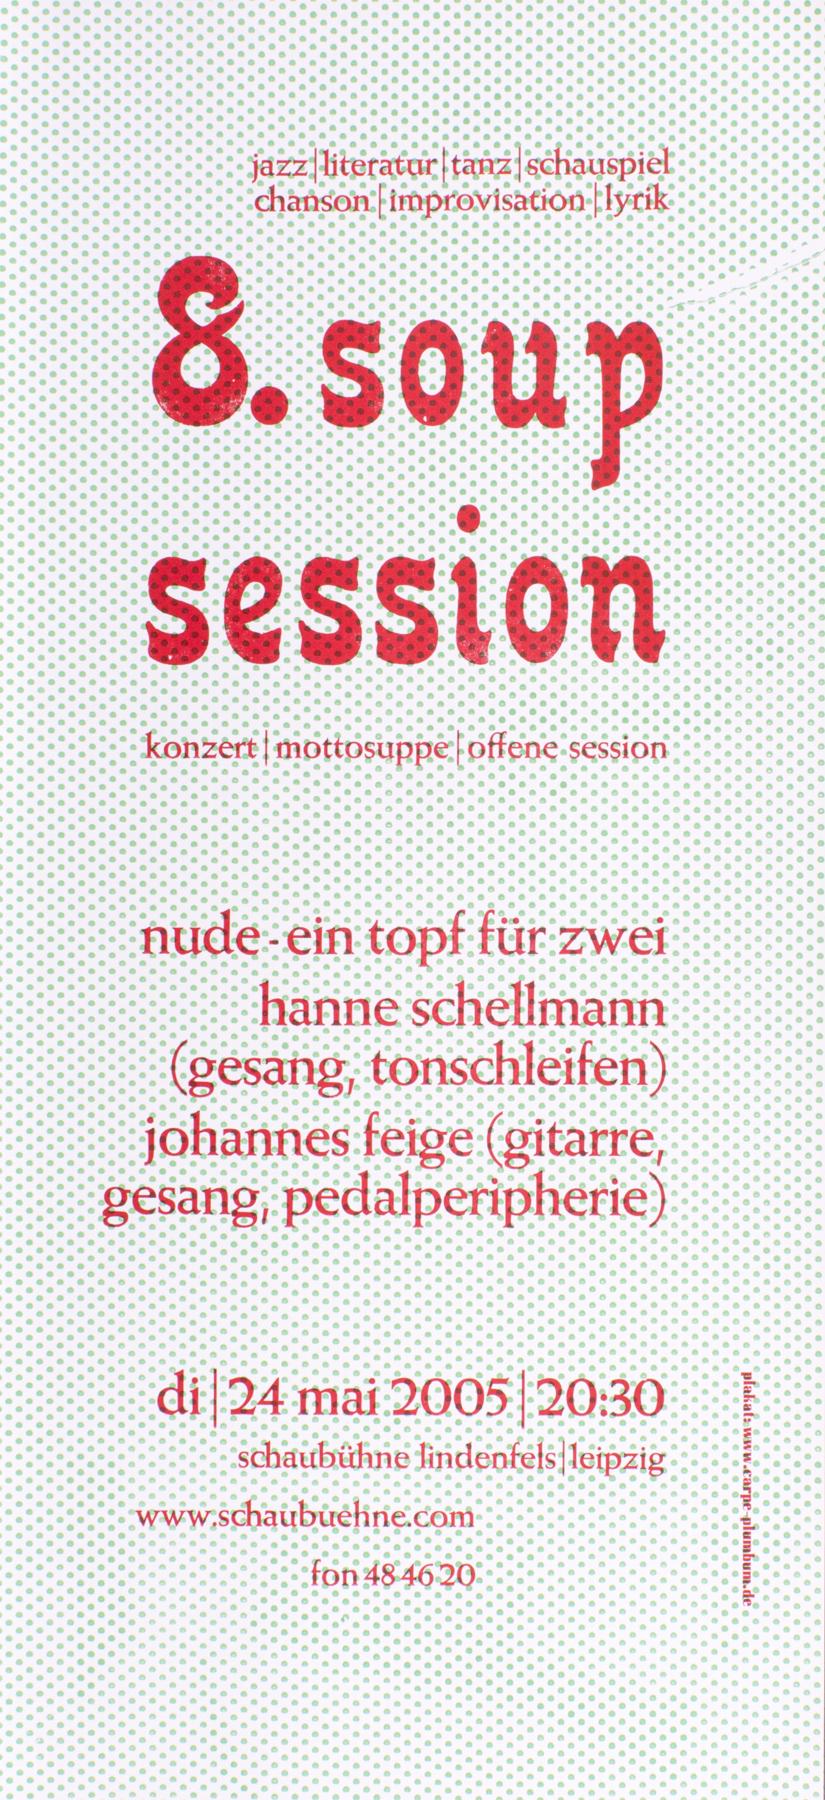 Soup session, Veranstaltungsplakat, Bleisatz, Gestaltung: Thomas Siemon